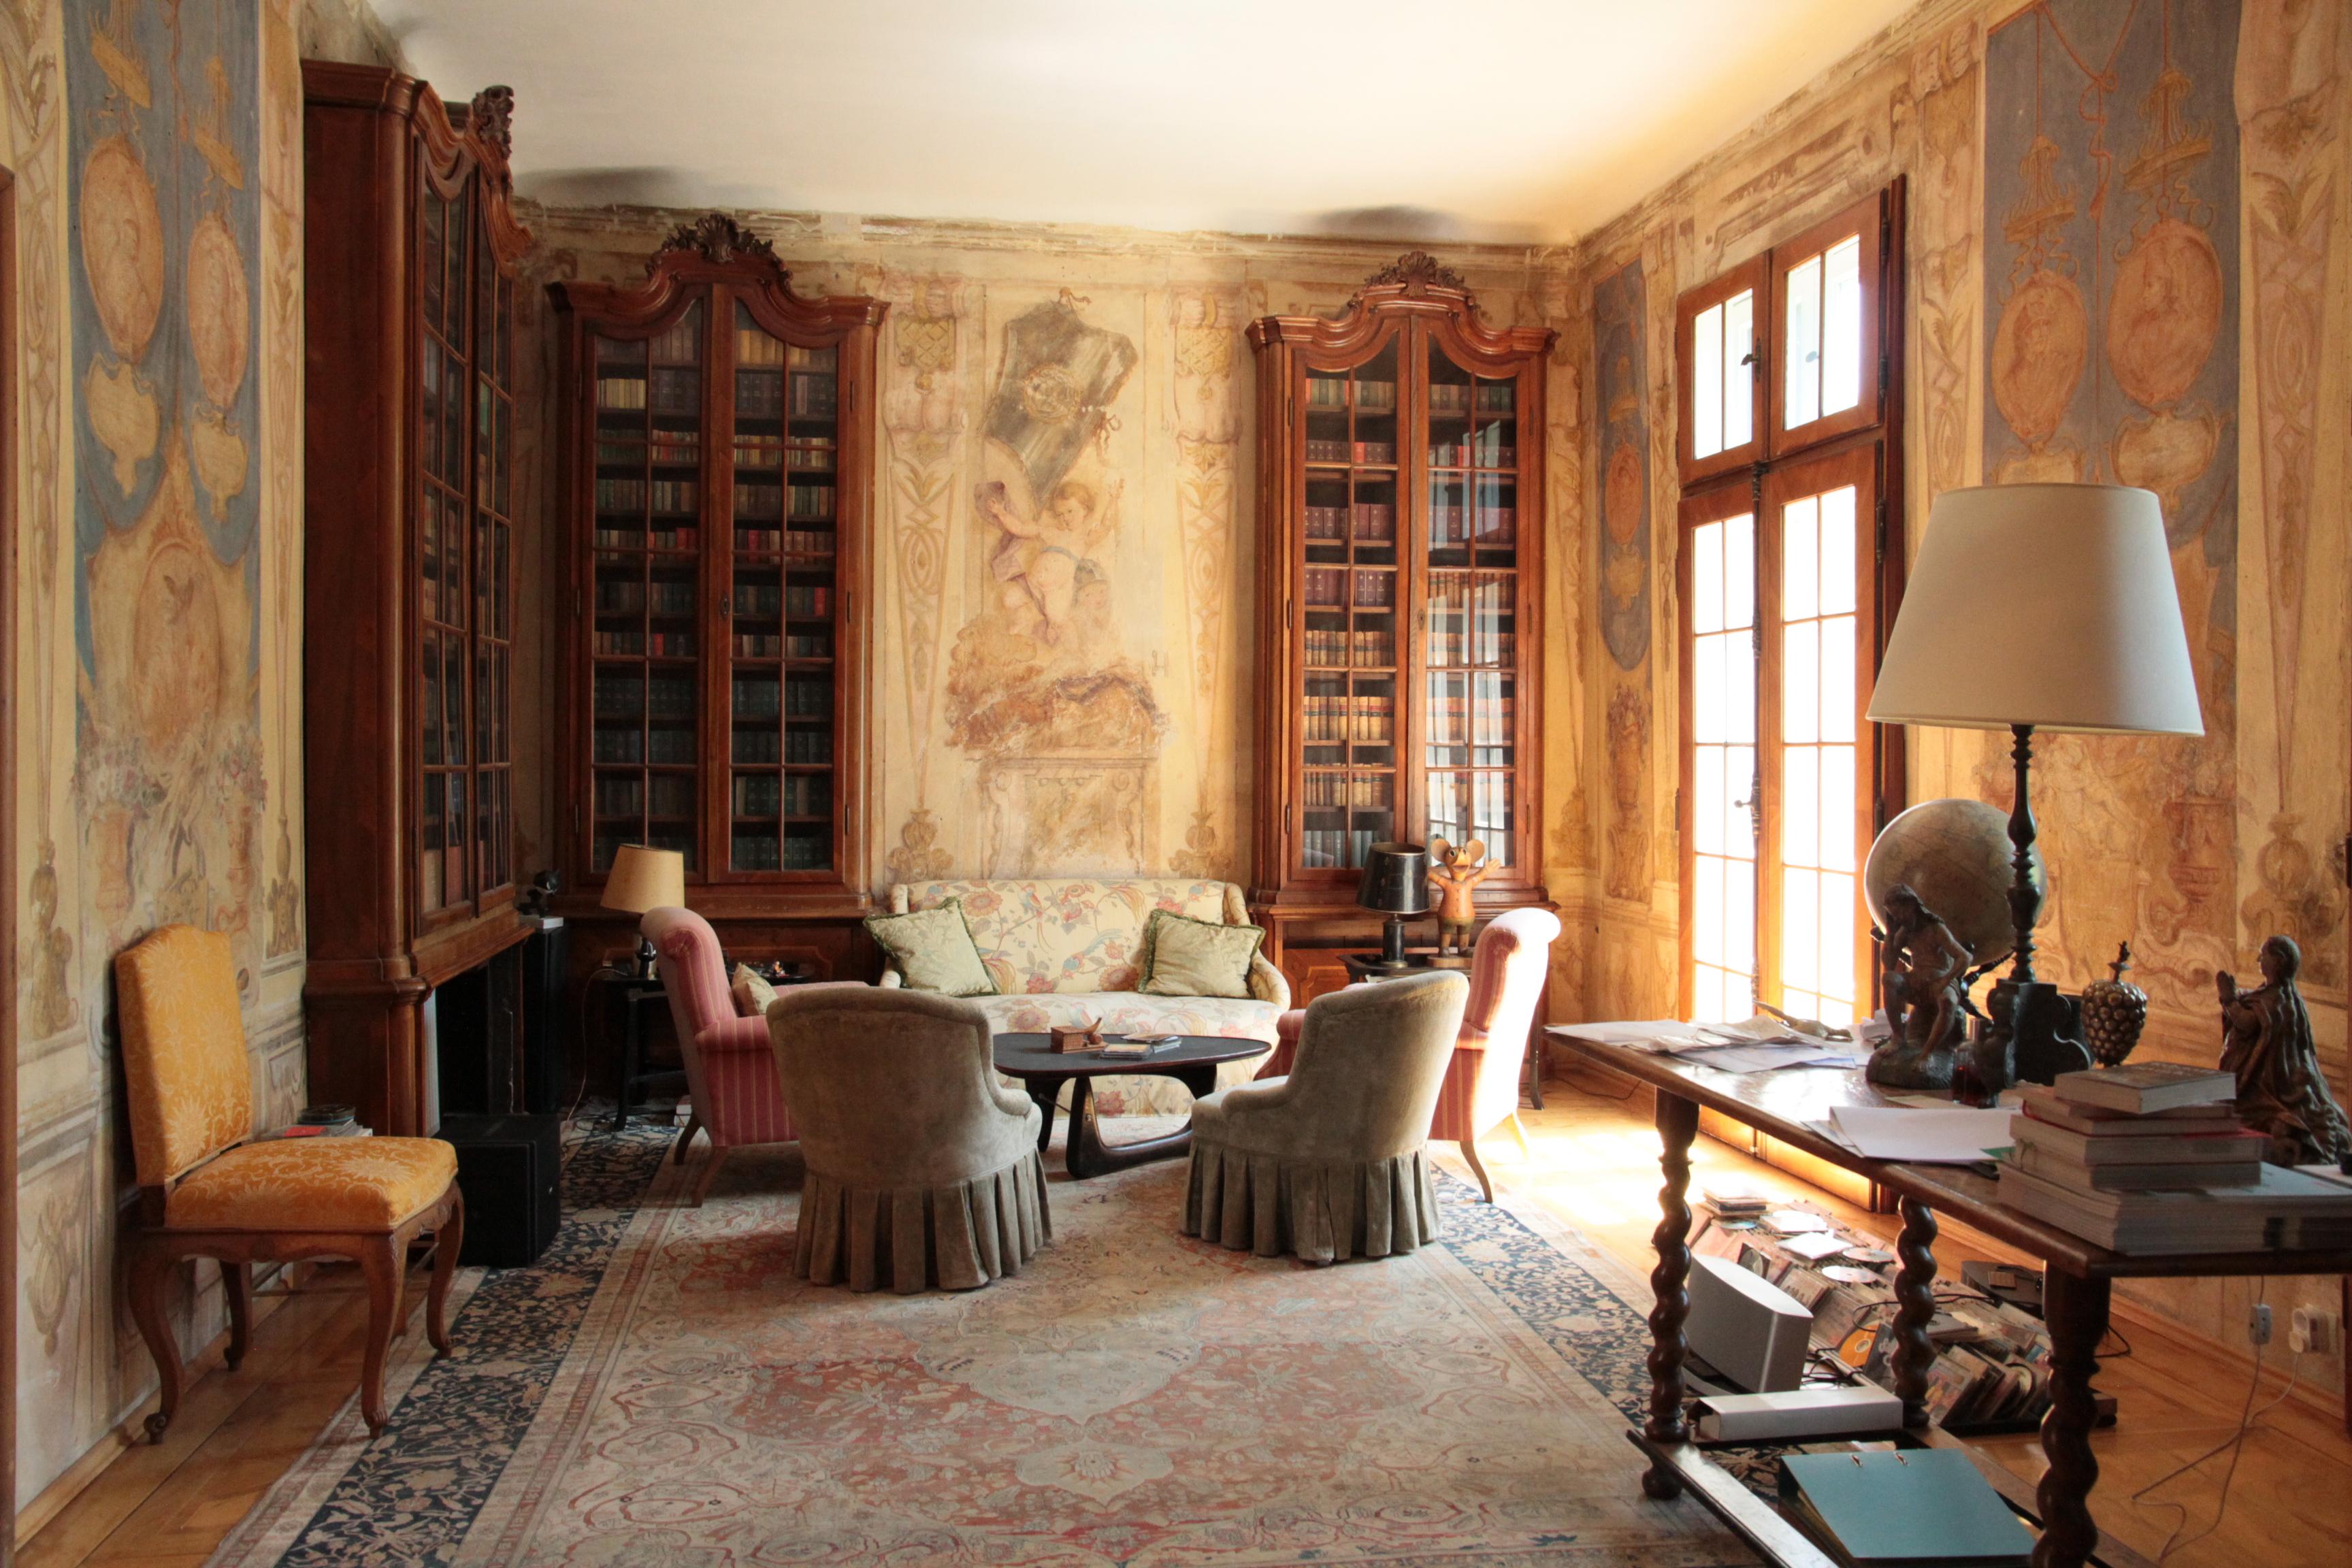 Appartement de vacances Luxuriöses, einzigartiges barockes Schloss, aufwendig eingerichtet (2306589), St. Pölten, Mostviertel, Basse Autriche, Autriche, image 20